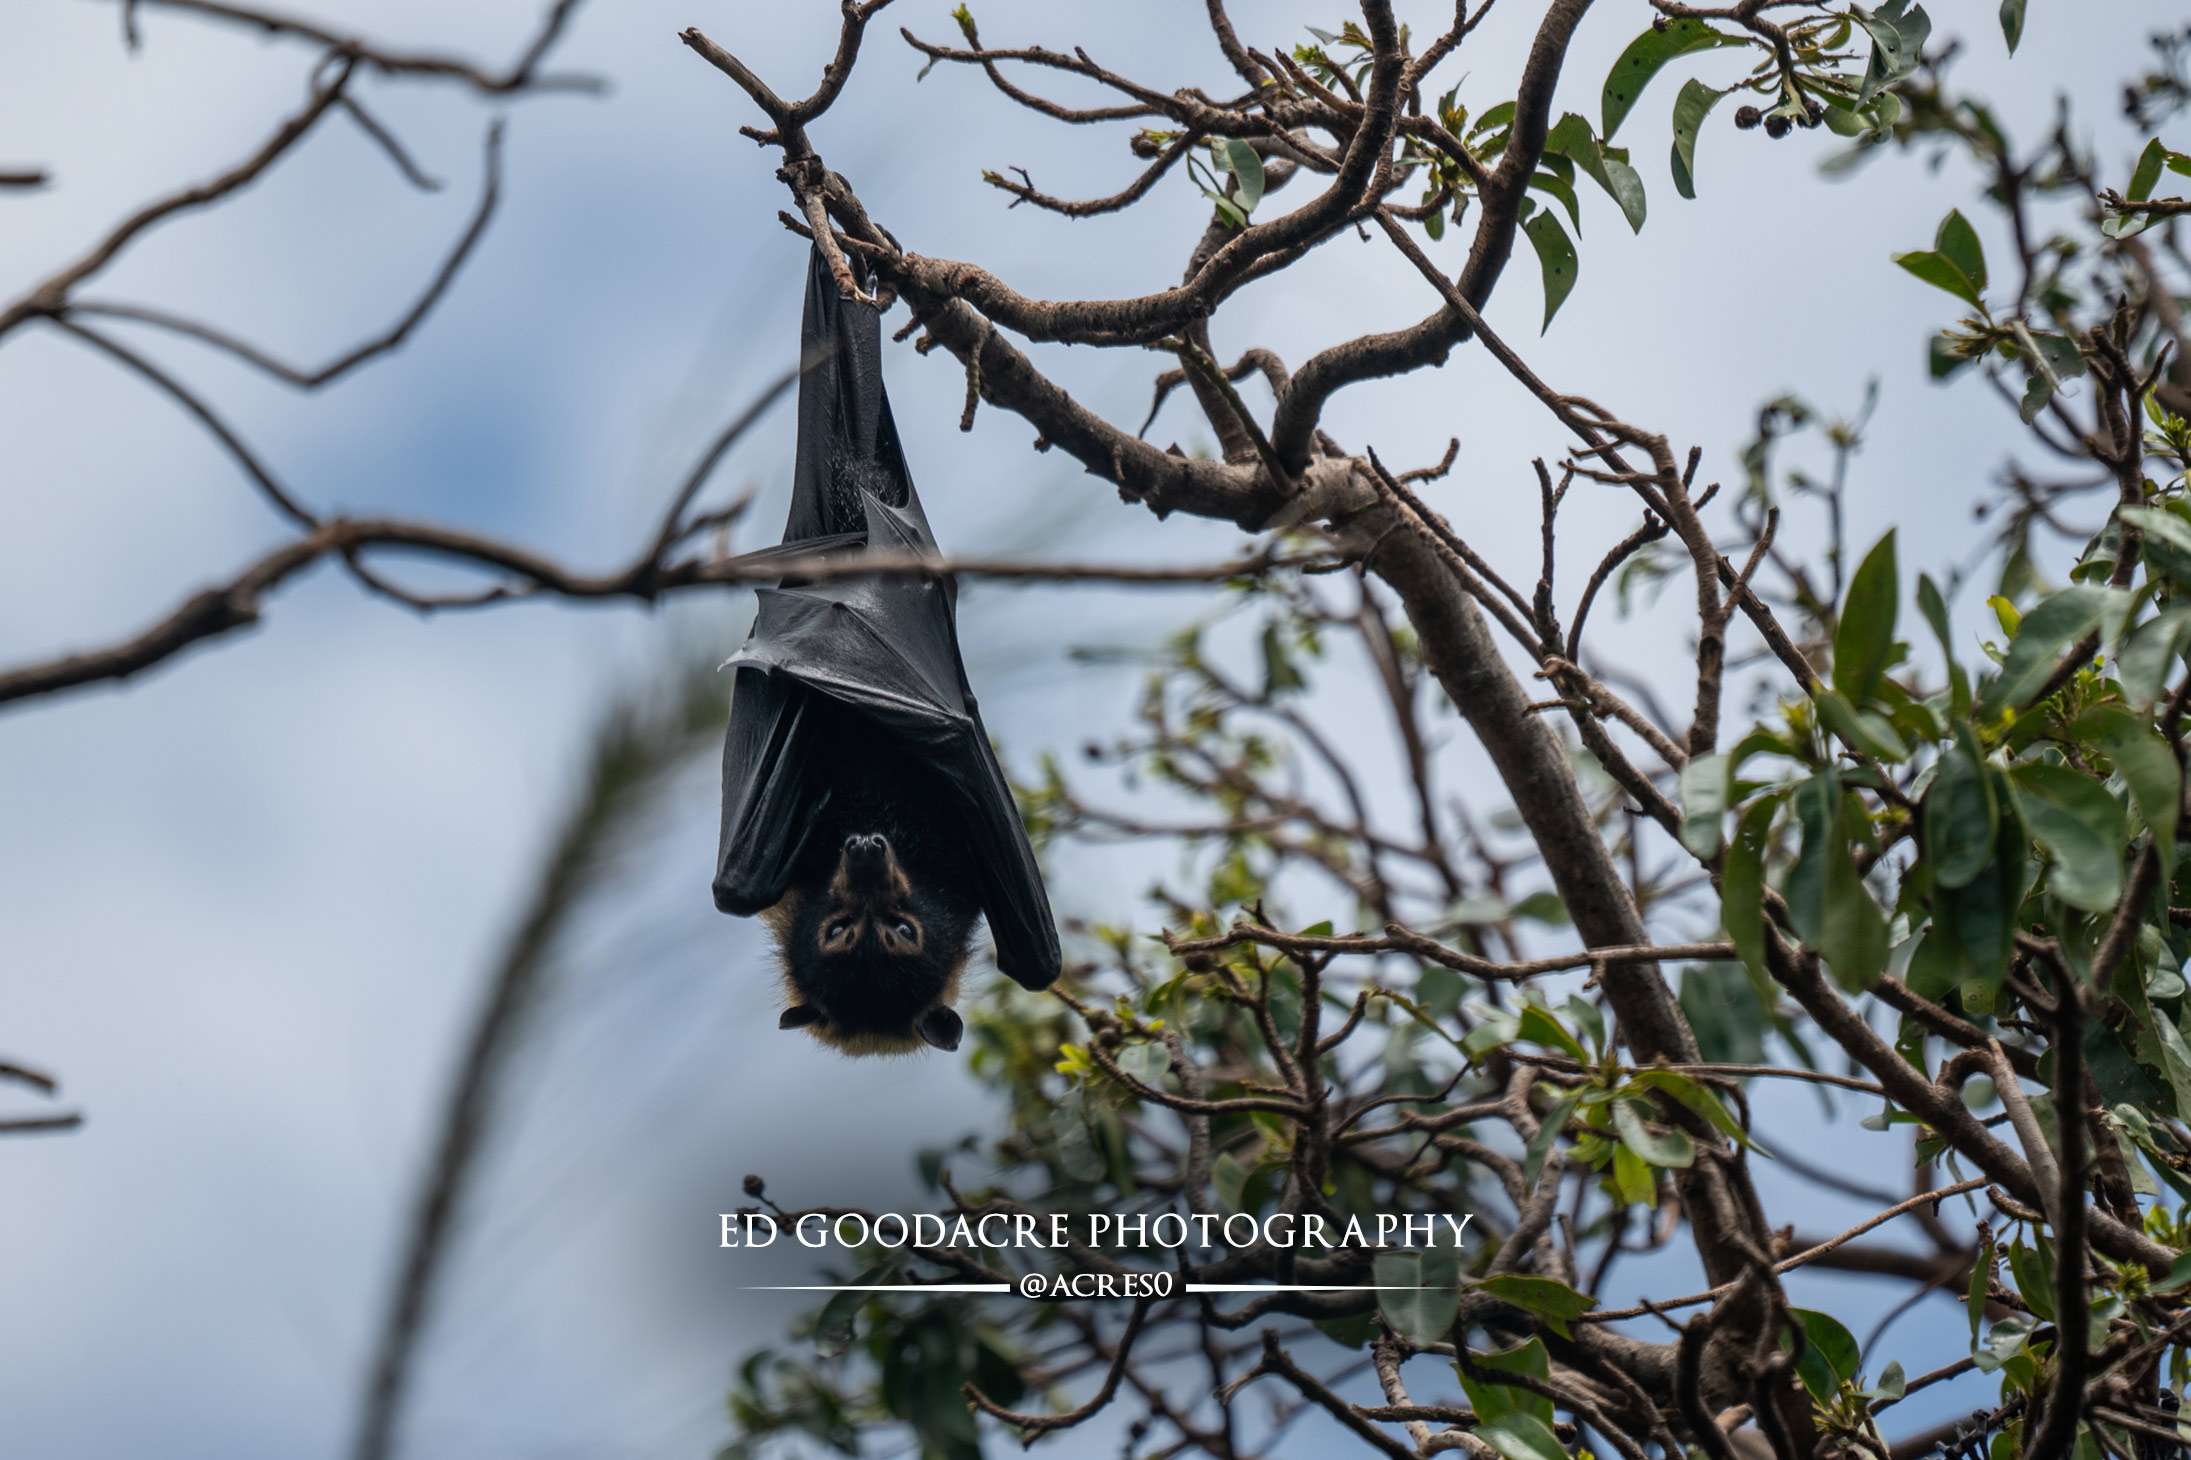 Bat-EG-website-2.jpg